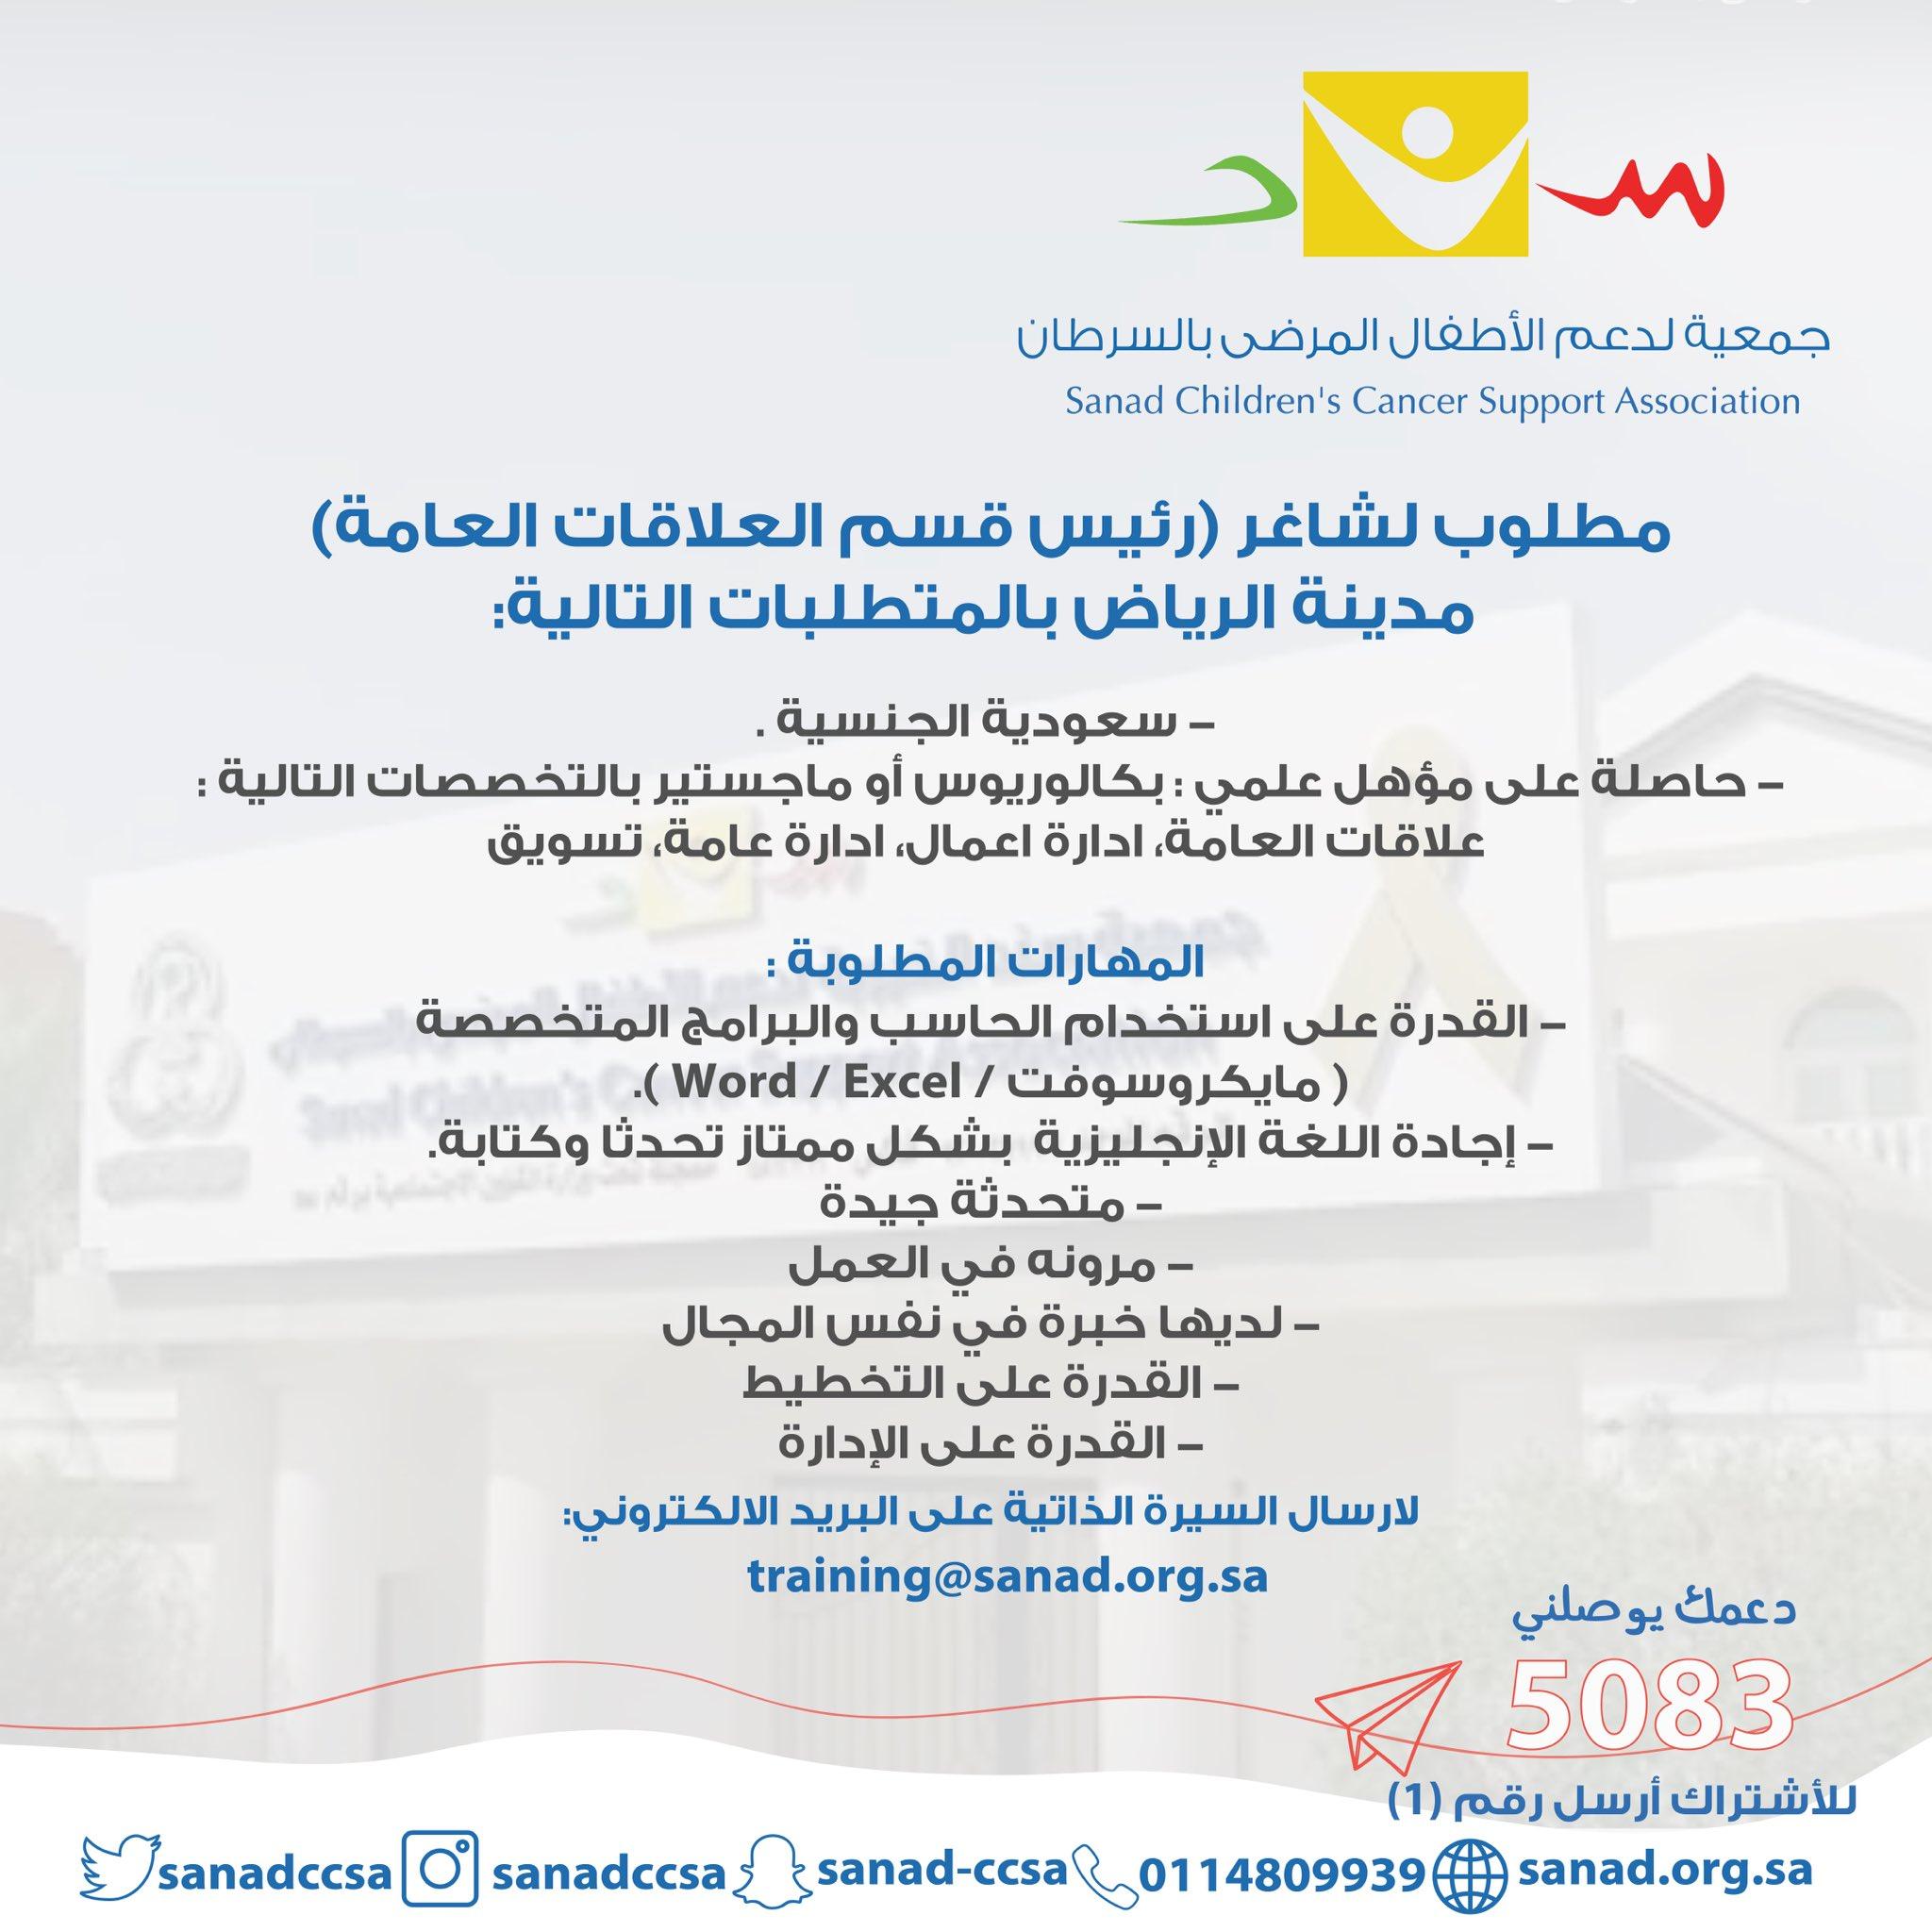 تعلن #جمعية_سند عن وظيفة شاغرة للنساء فى #الرياض   - رئيس قسم العلاقات العامة   للتواصل نأمل إرسال السيرة الذاتية    عبر البريد الإلكتروني:  training@sanad.org.sa   #وظائف_نسائيه #وظائف_الرياض #الرياض_الان